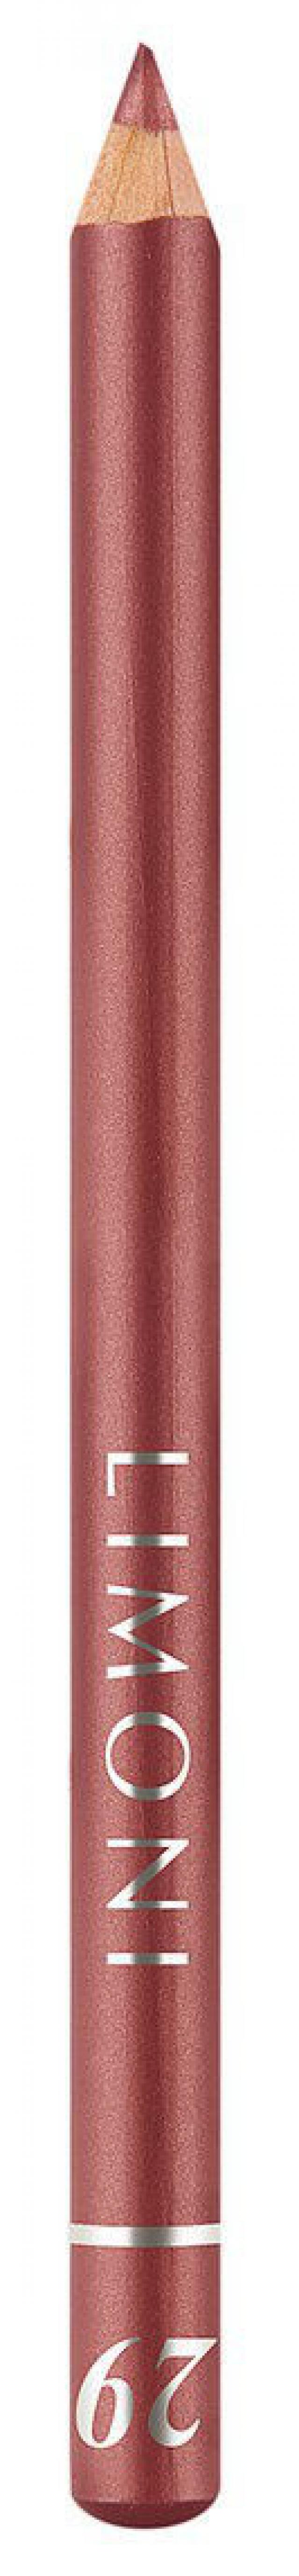 Лимони карандаш для губ т.29 купить в Москве по цене от 0 рублей